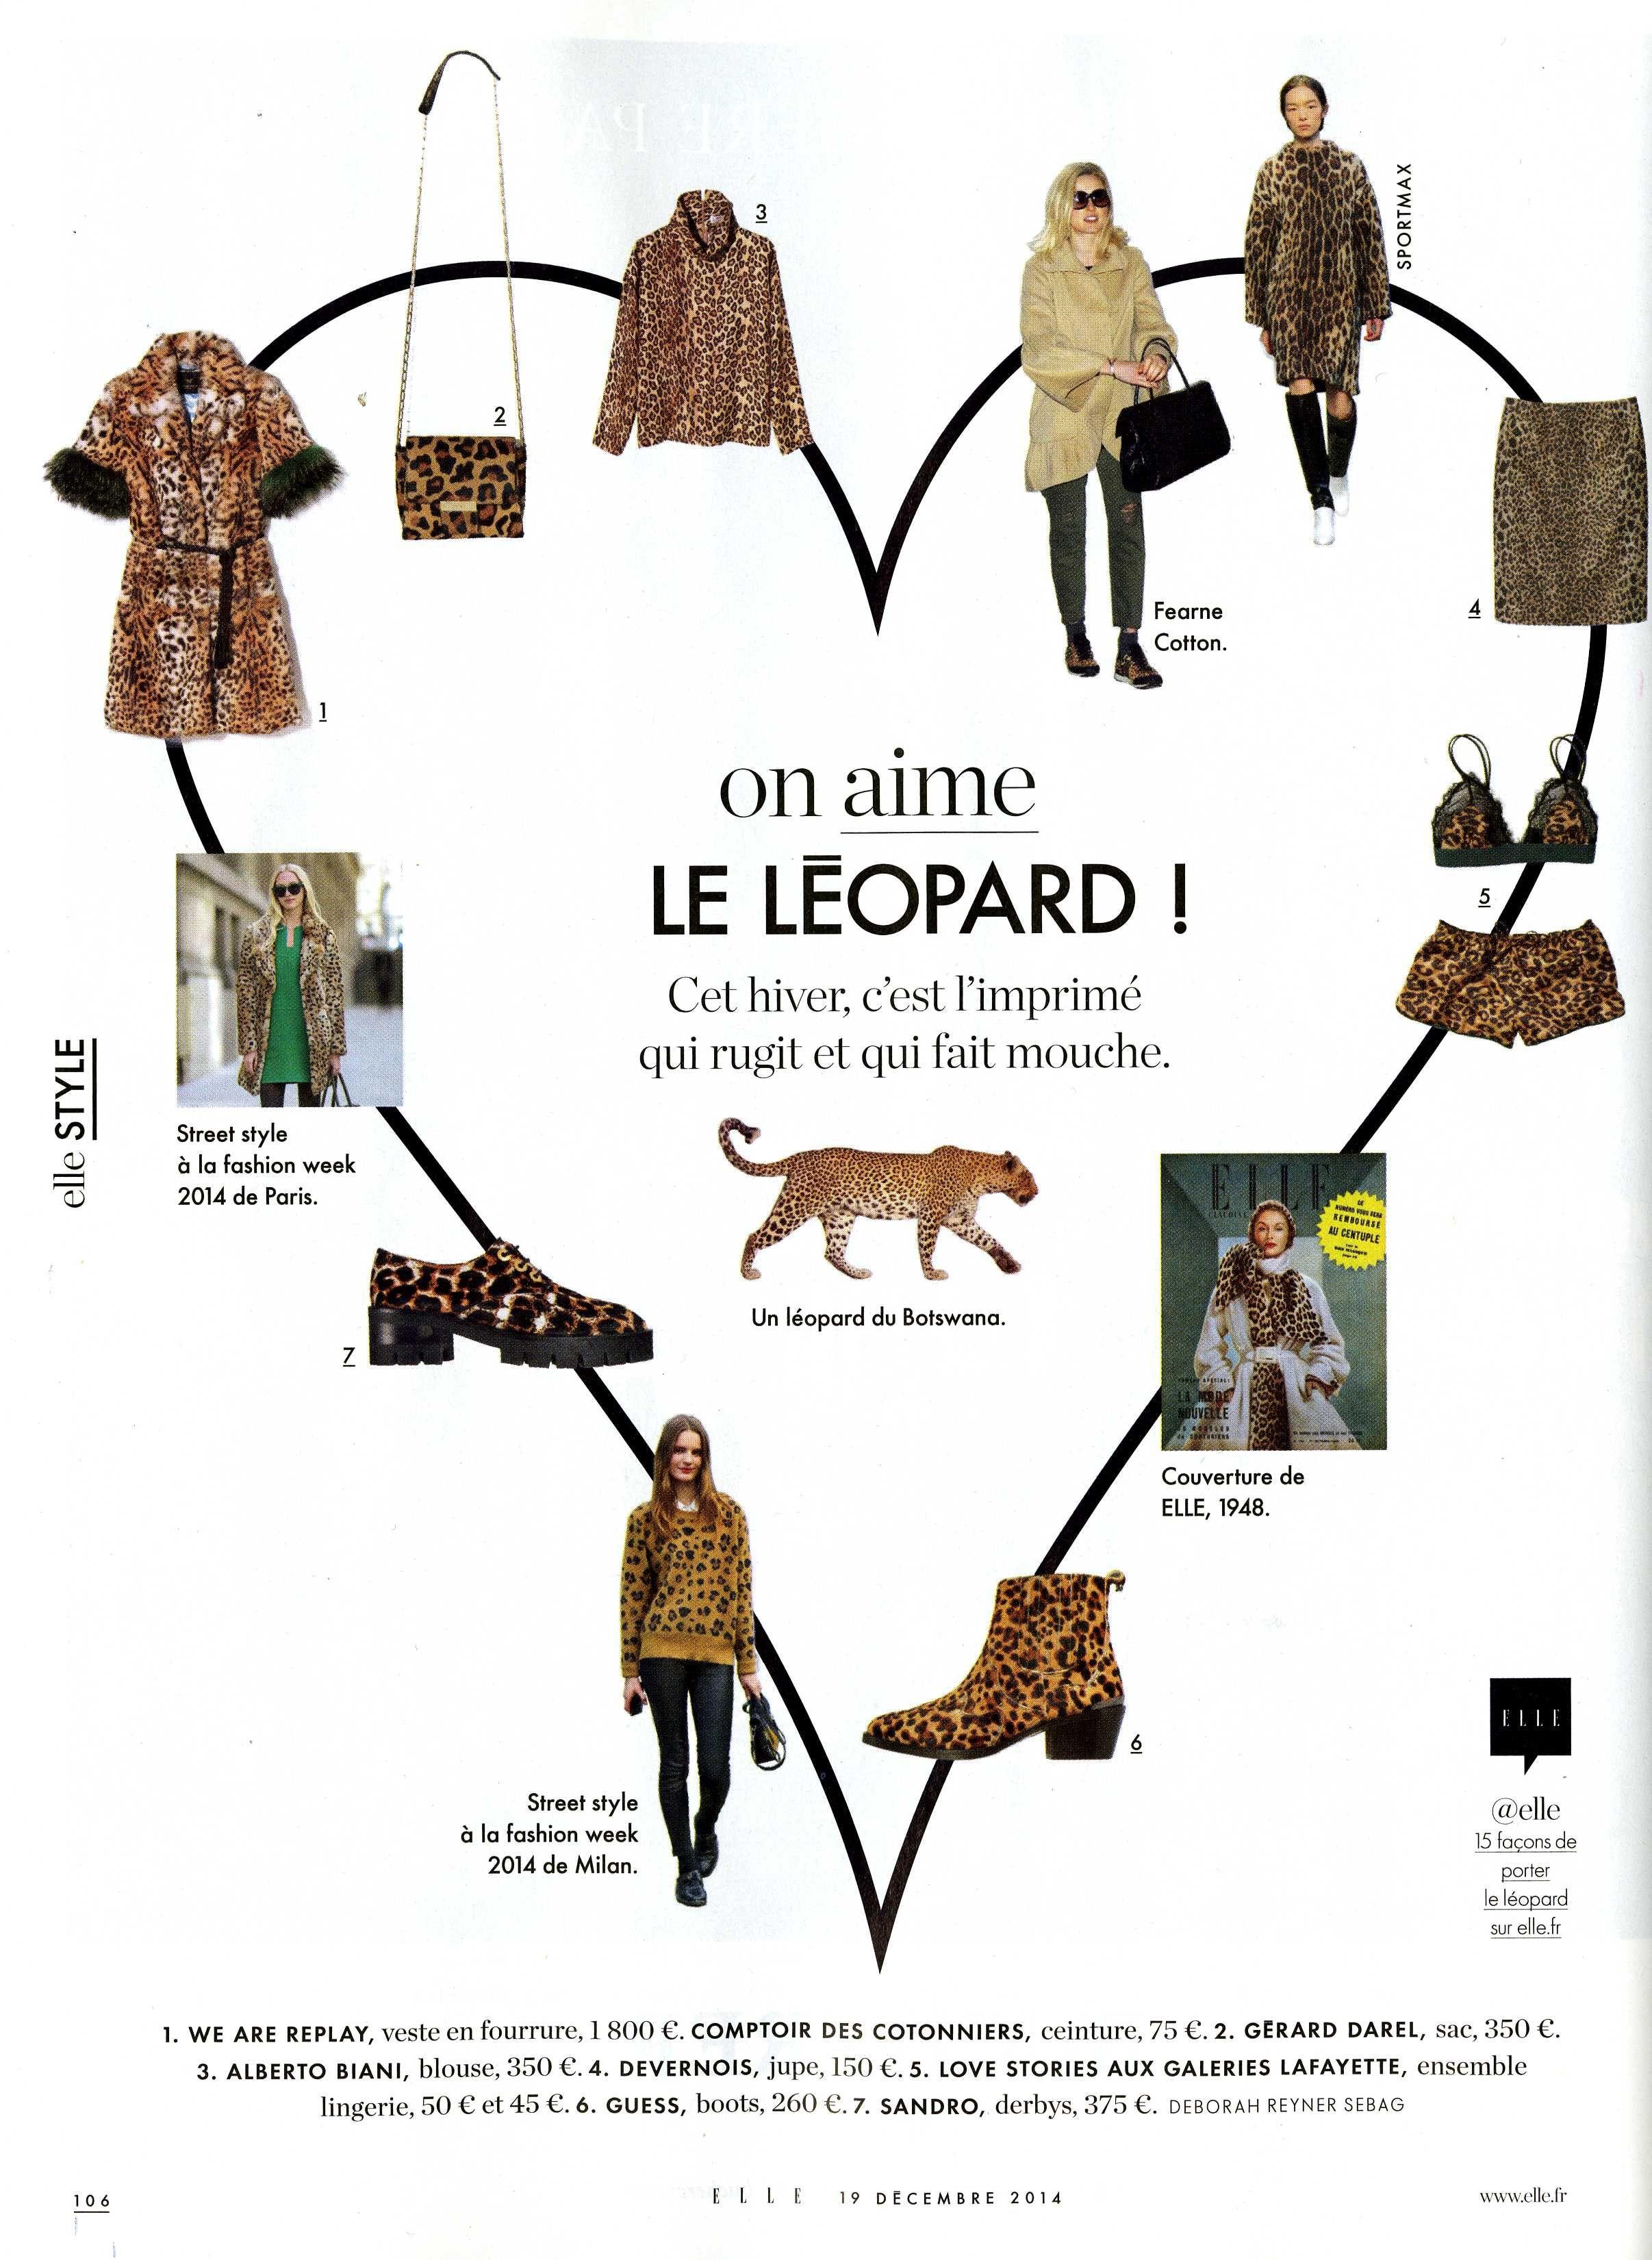 Graouuu RRR on ne quitte plus le léopard !! @magazineellefr